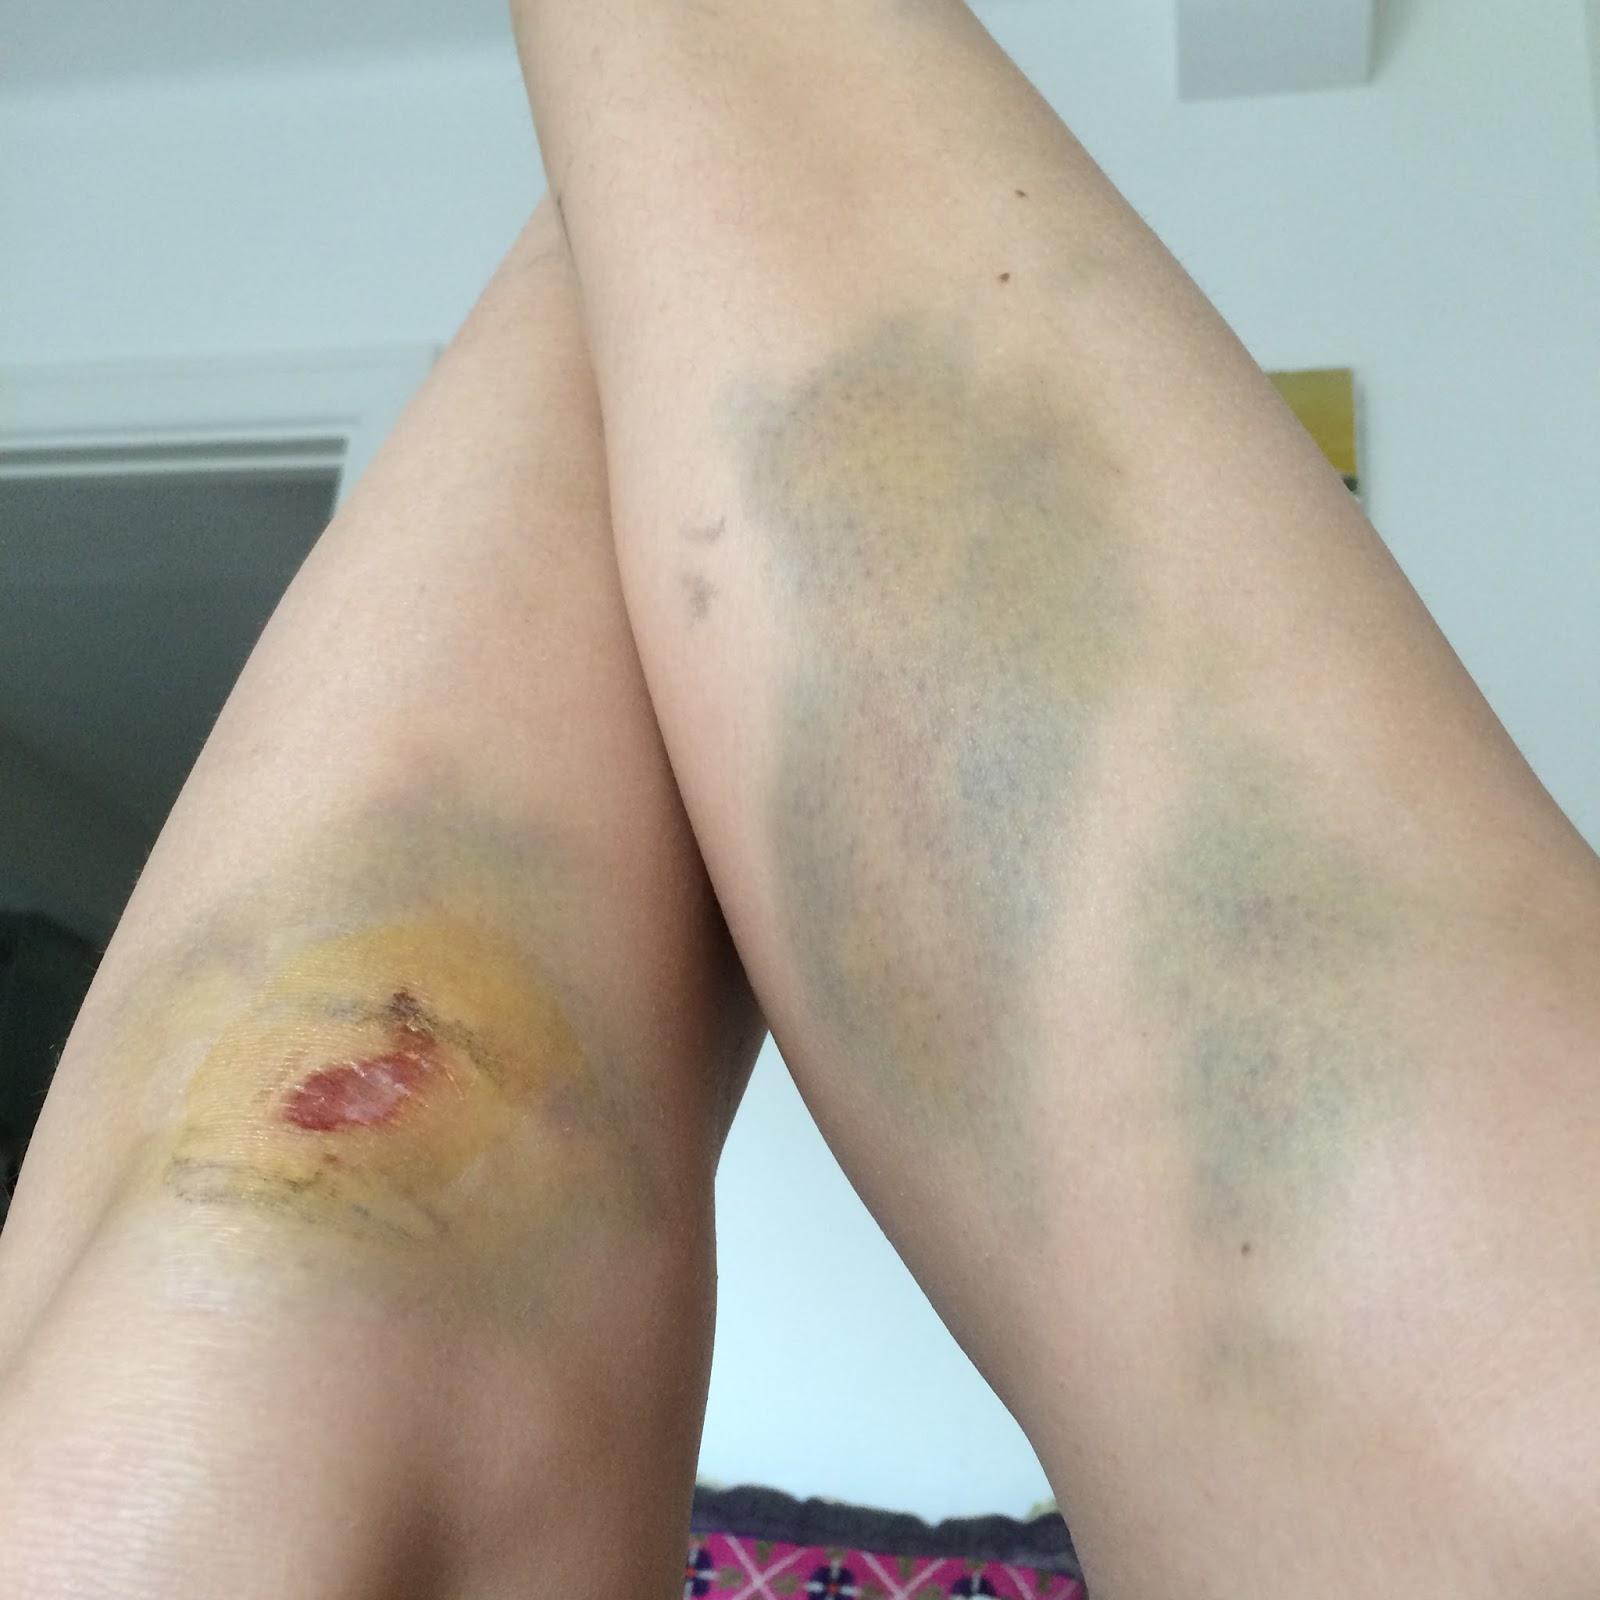 spontana blåmärken på benen